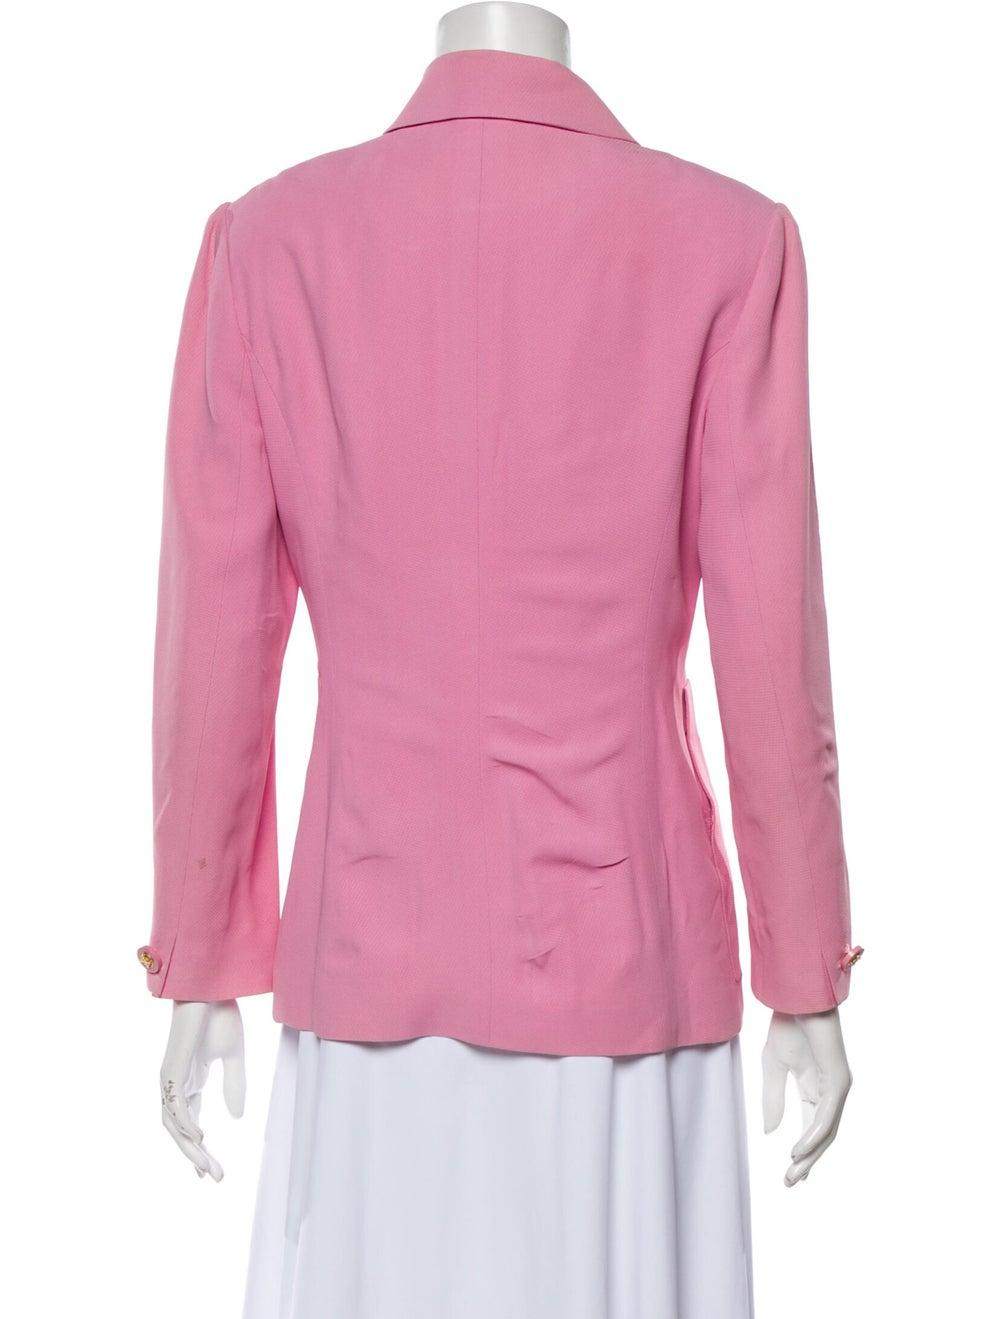 Celine Vintage Blazer Pink - image 3